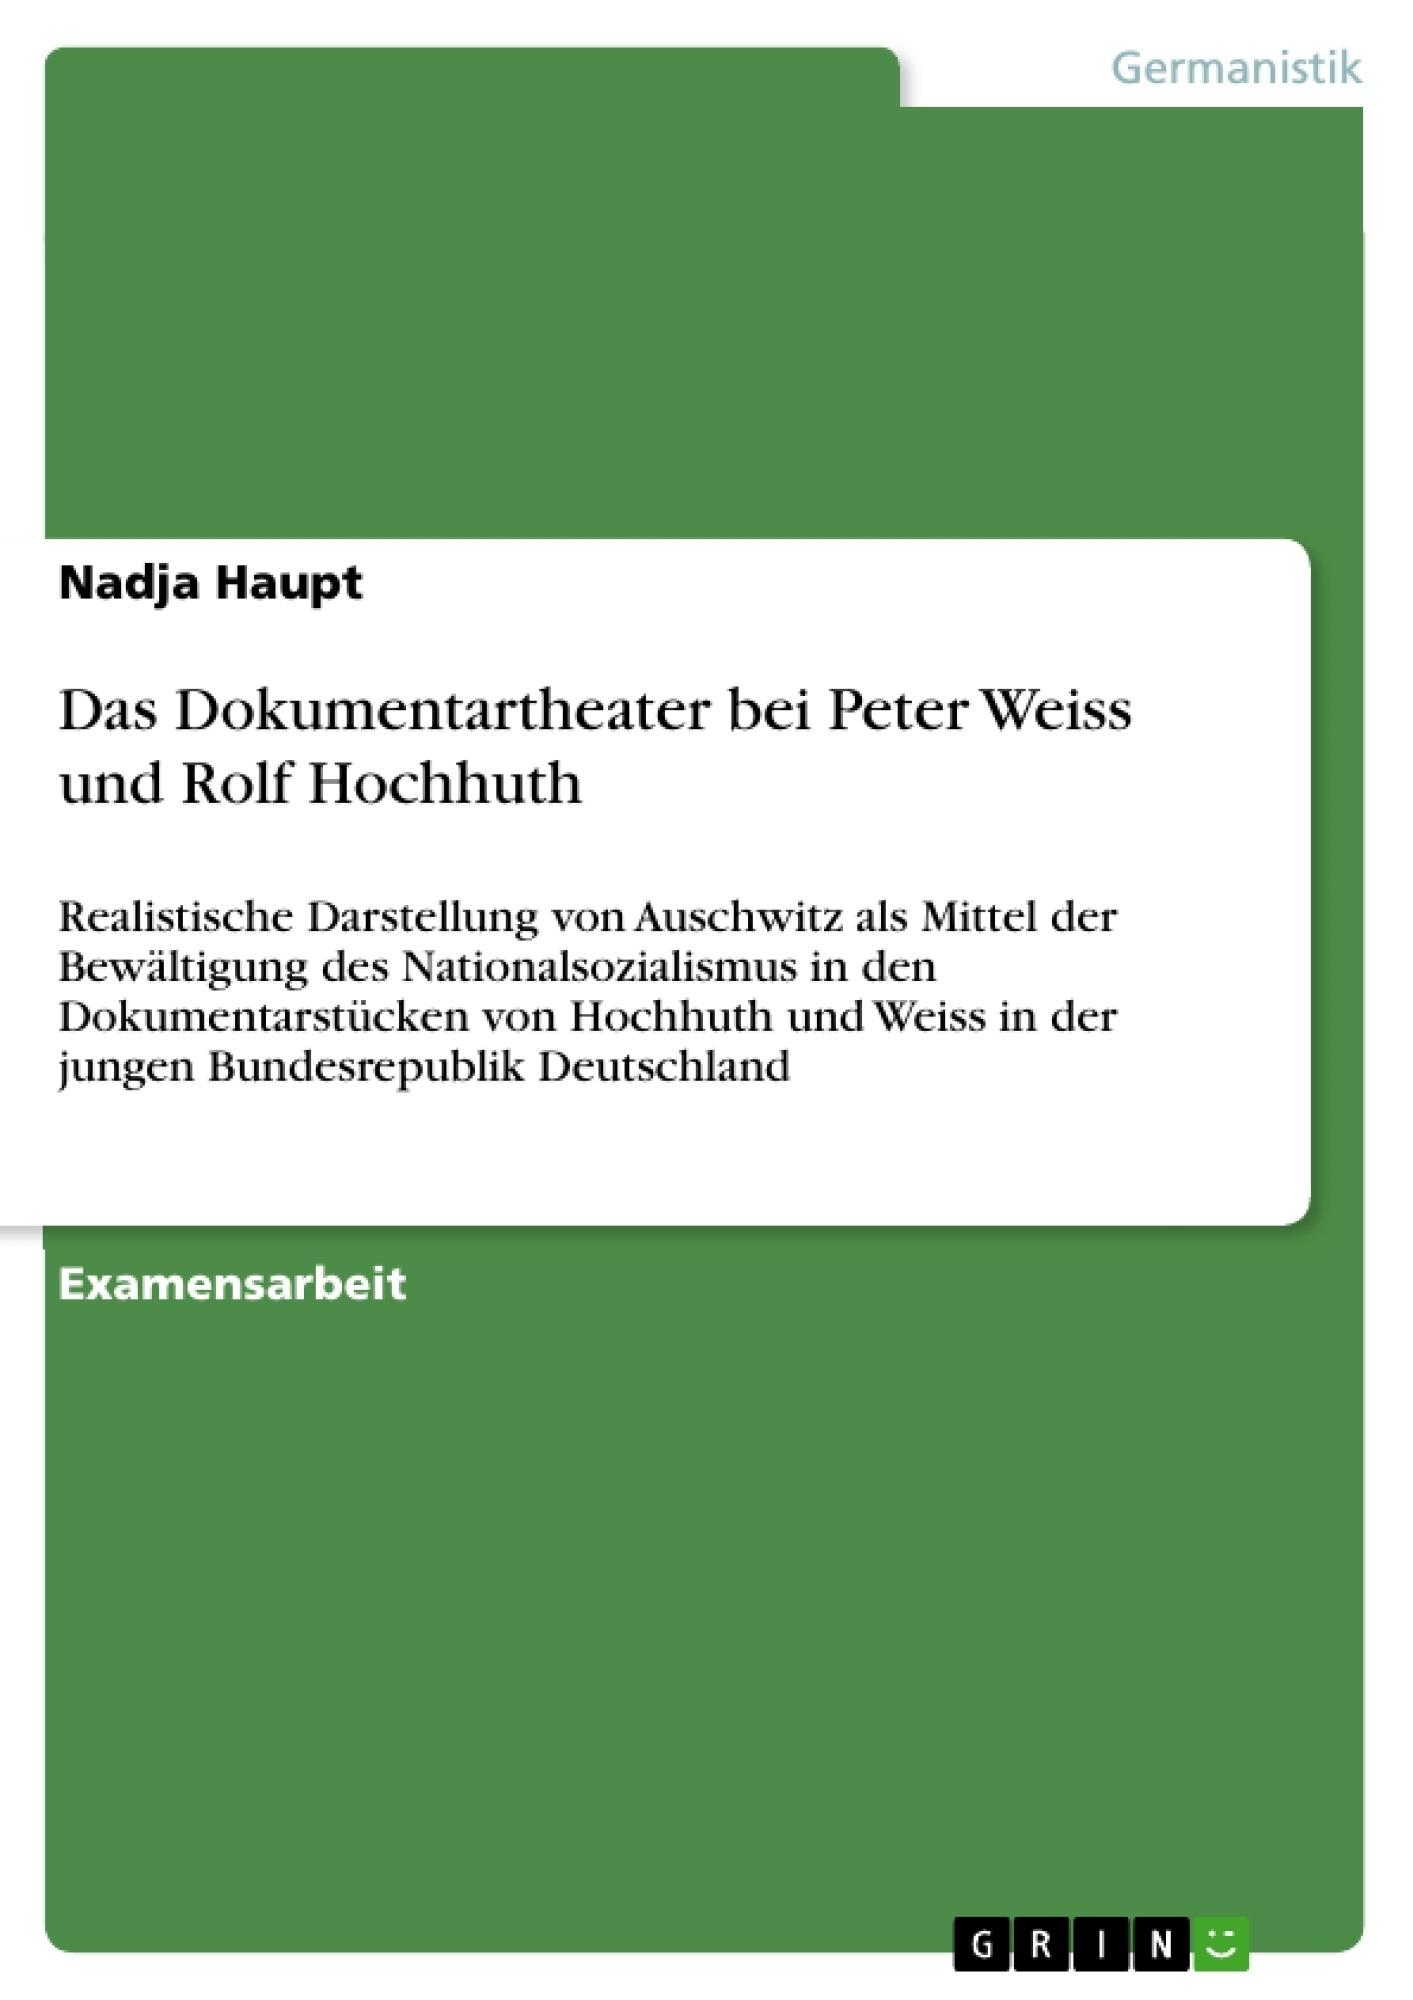 Titel: Das Dokumentartheater bei Peter Weiss und Rolf Hochhuth